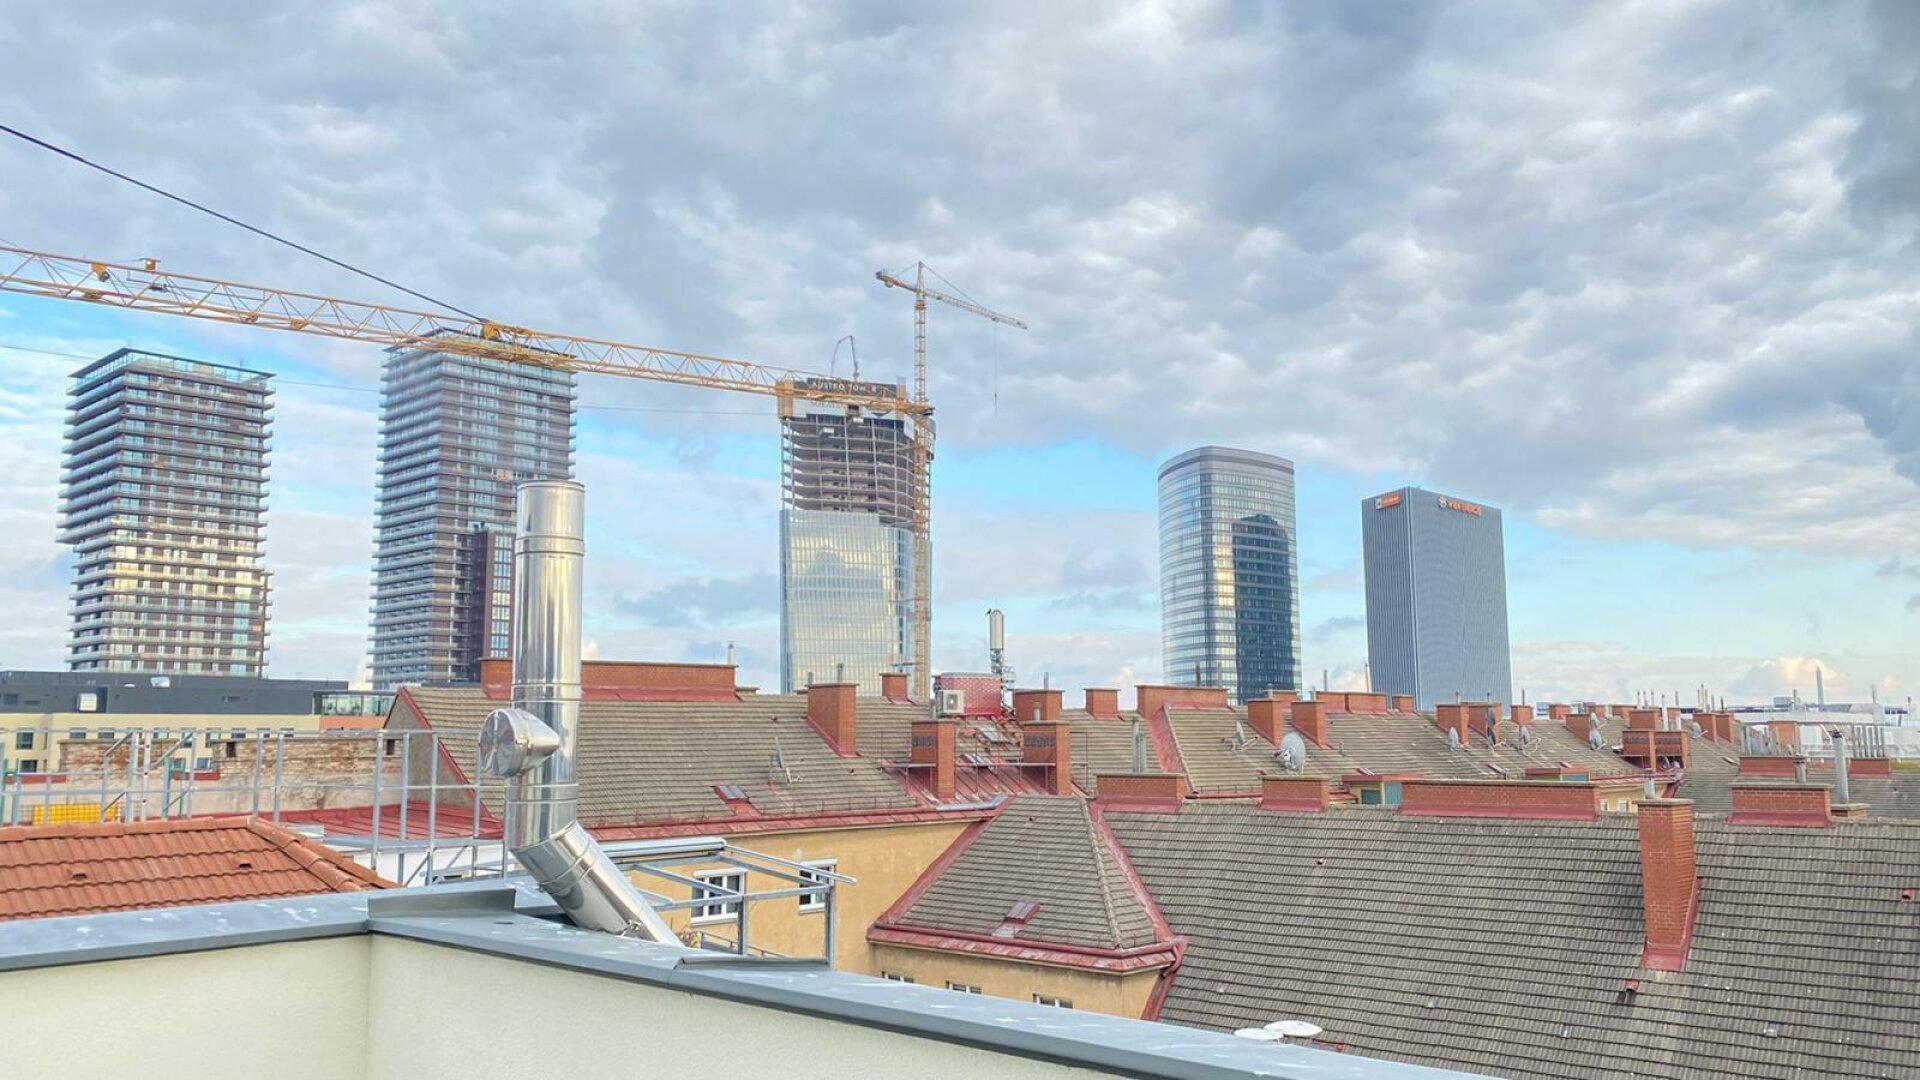 Aussicht Dachterrasse - Richtung Osten